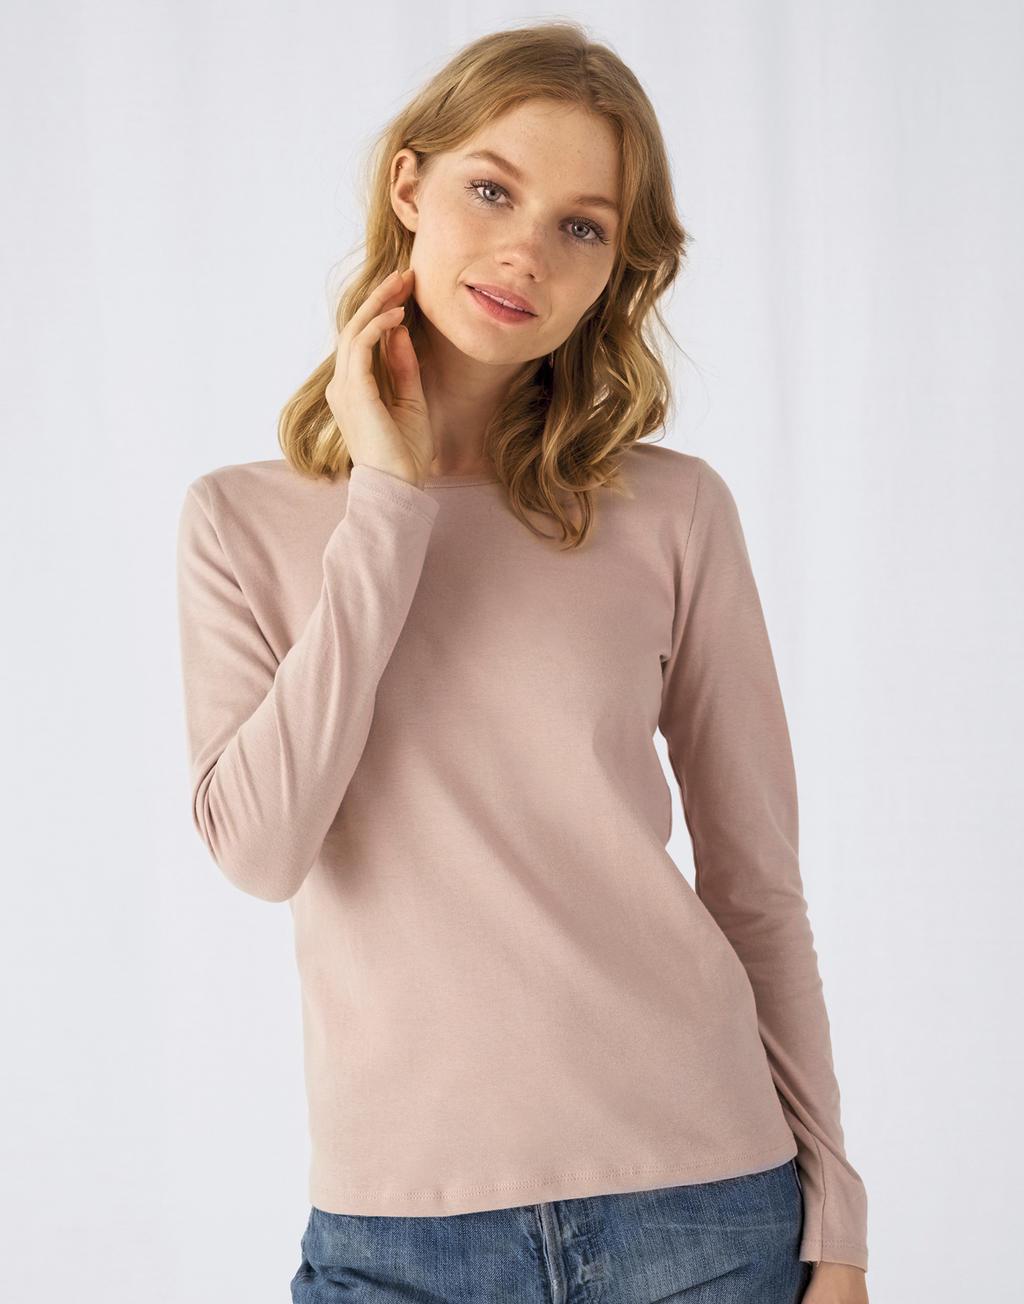 Koszulka damska Longsleeve długi rękaw